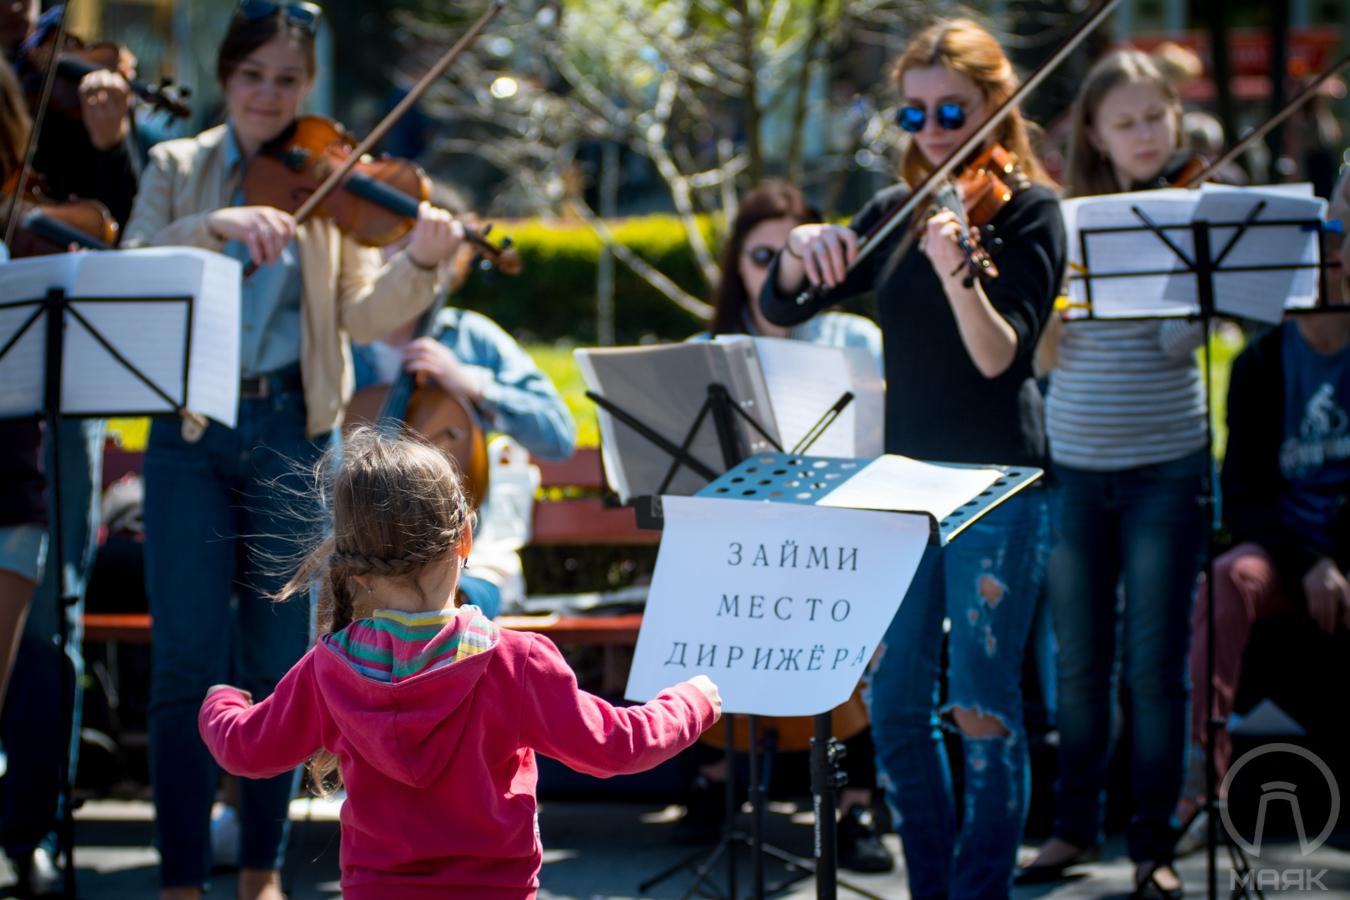 Музыкальный флешмоб в Горсаду: как одесситы управляли оркестром (фоторепортаж, видео)